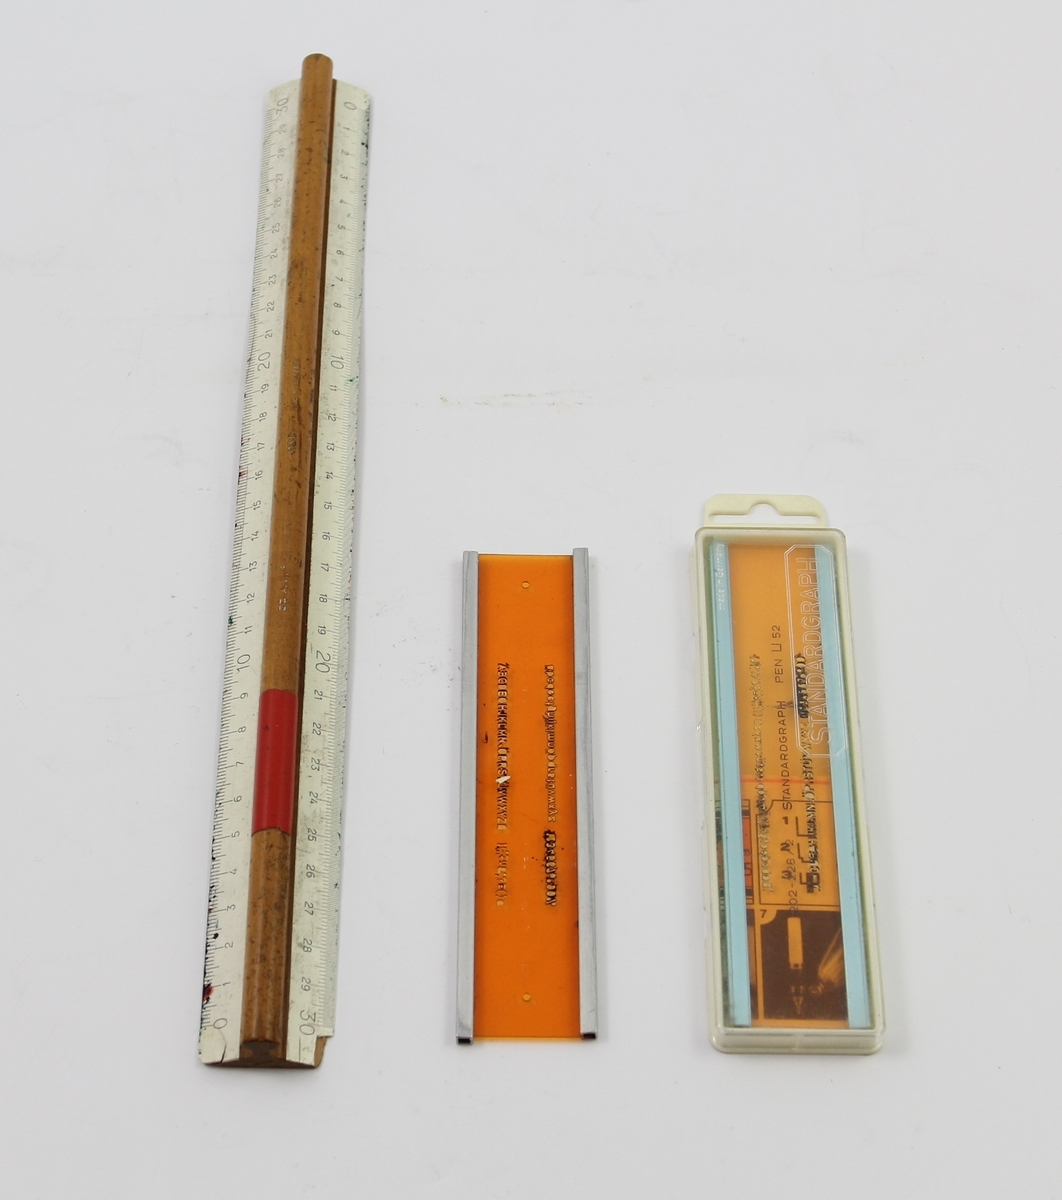 A: 30 cm lang linjal av treverk, opphøyning langs midten, hvitmalte kanter, eksponert treverk på baksiden. B-C: Orange-transparent rektangulær plate med aluminiumskanter langs langsidene, stensil for bokstaver og tall i det orange feltet. Til C hører det til et delvis transparent etui og et sammenbrettet ark med bruksanvisning på tysk og fransk.